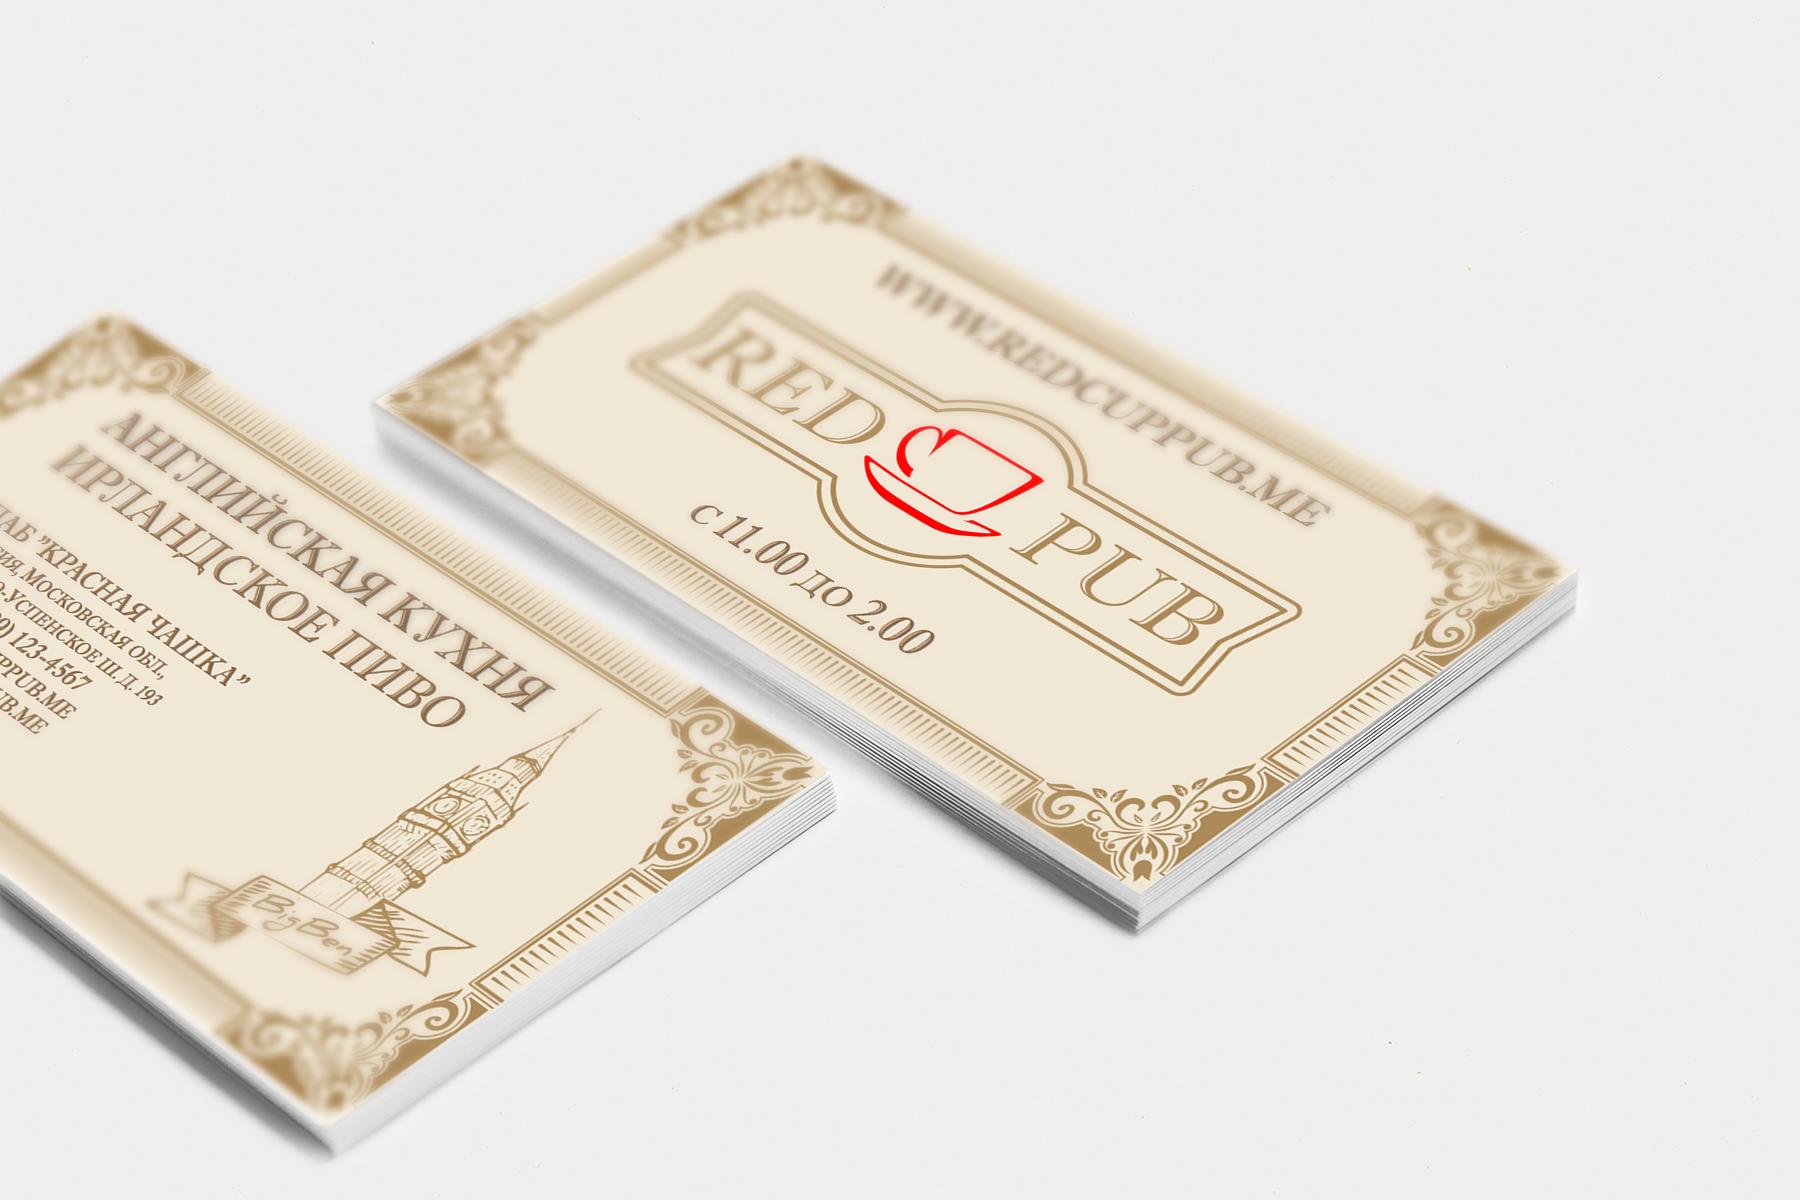 Визитная карточка Red Cup Pub - лицевая сторона